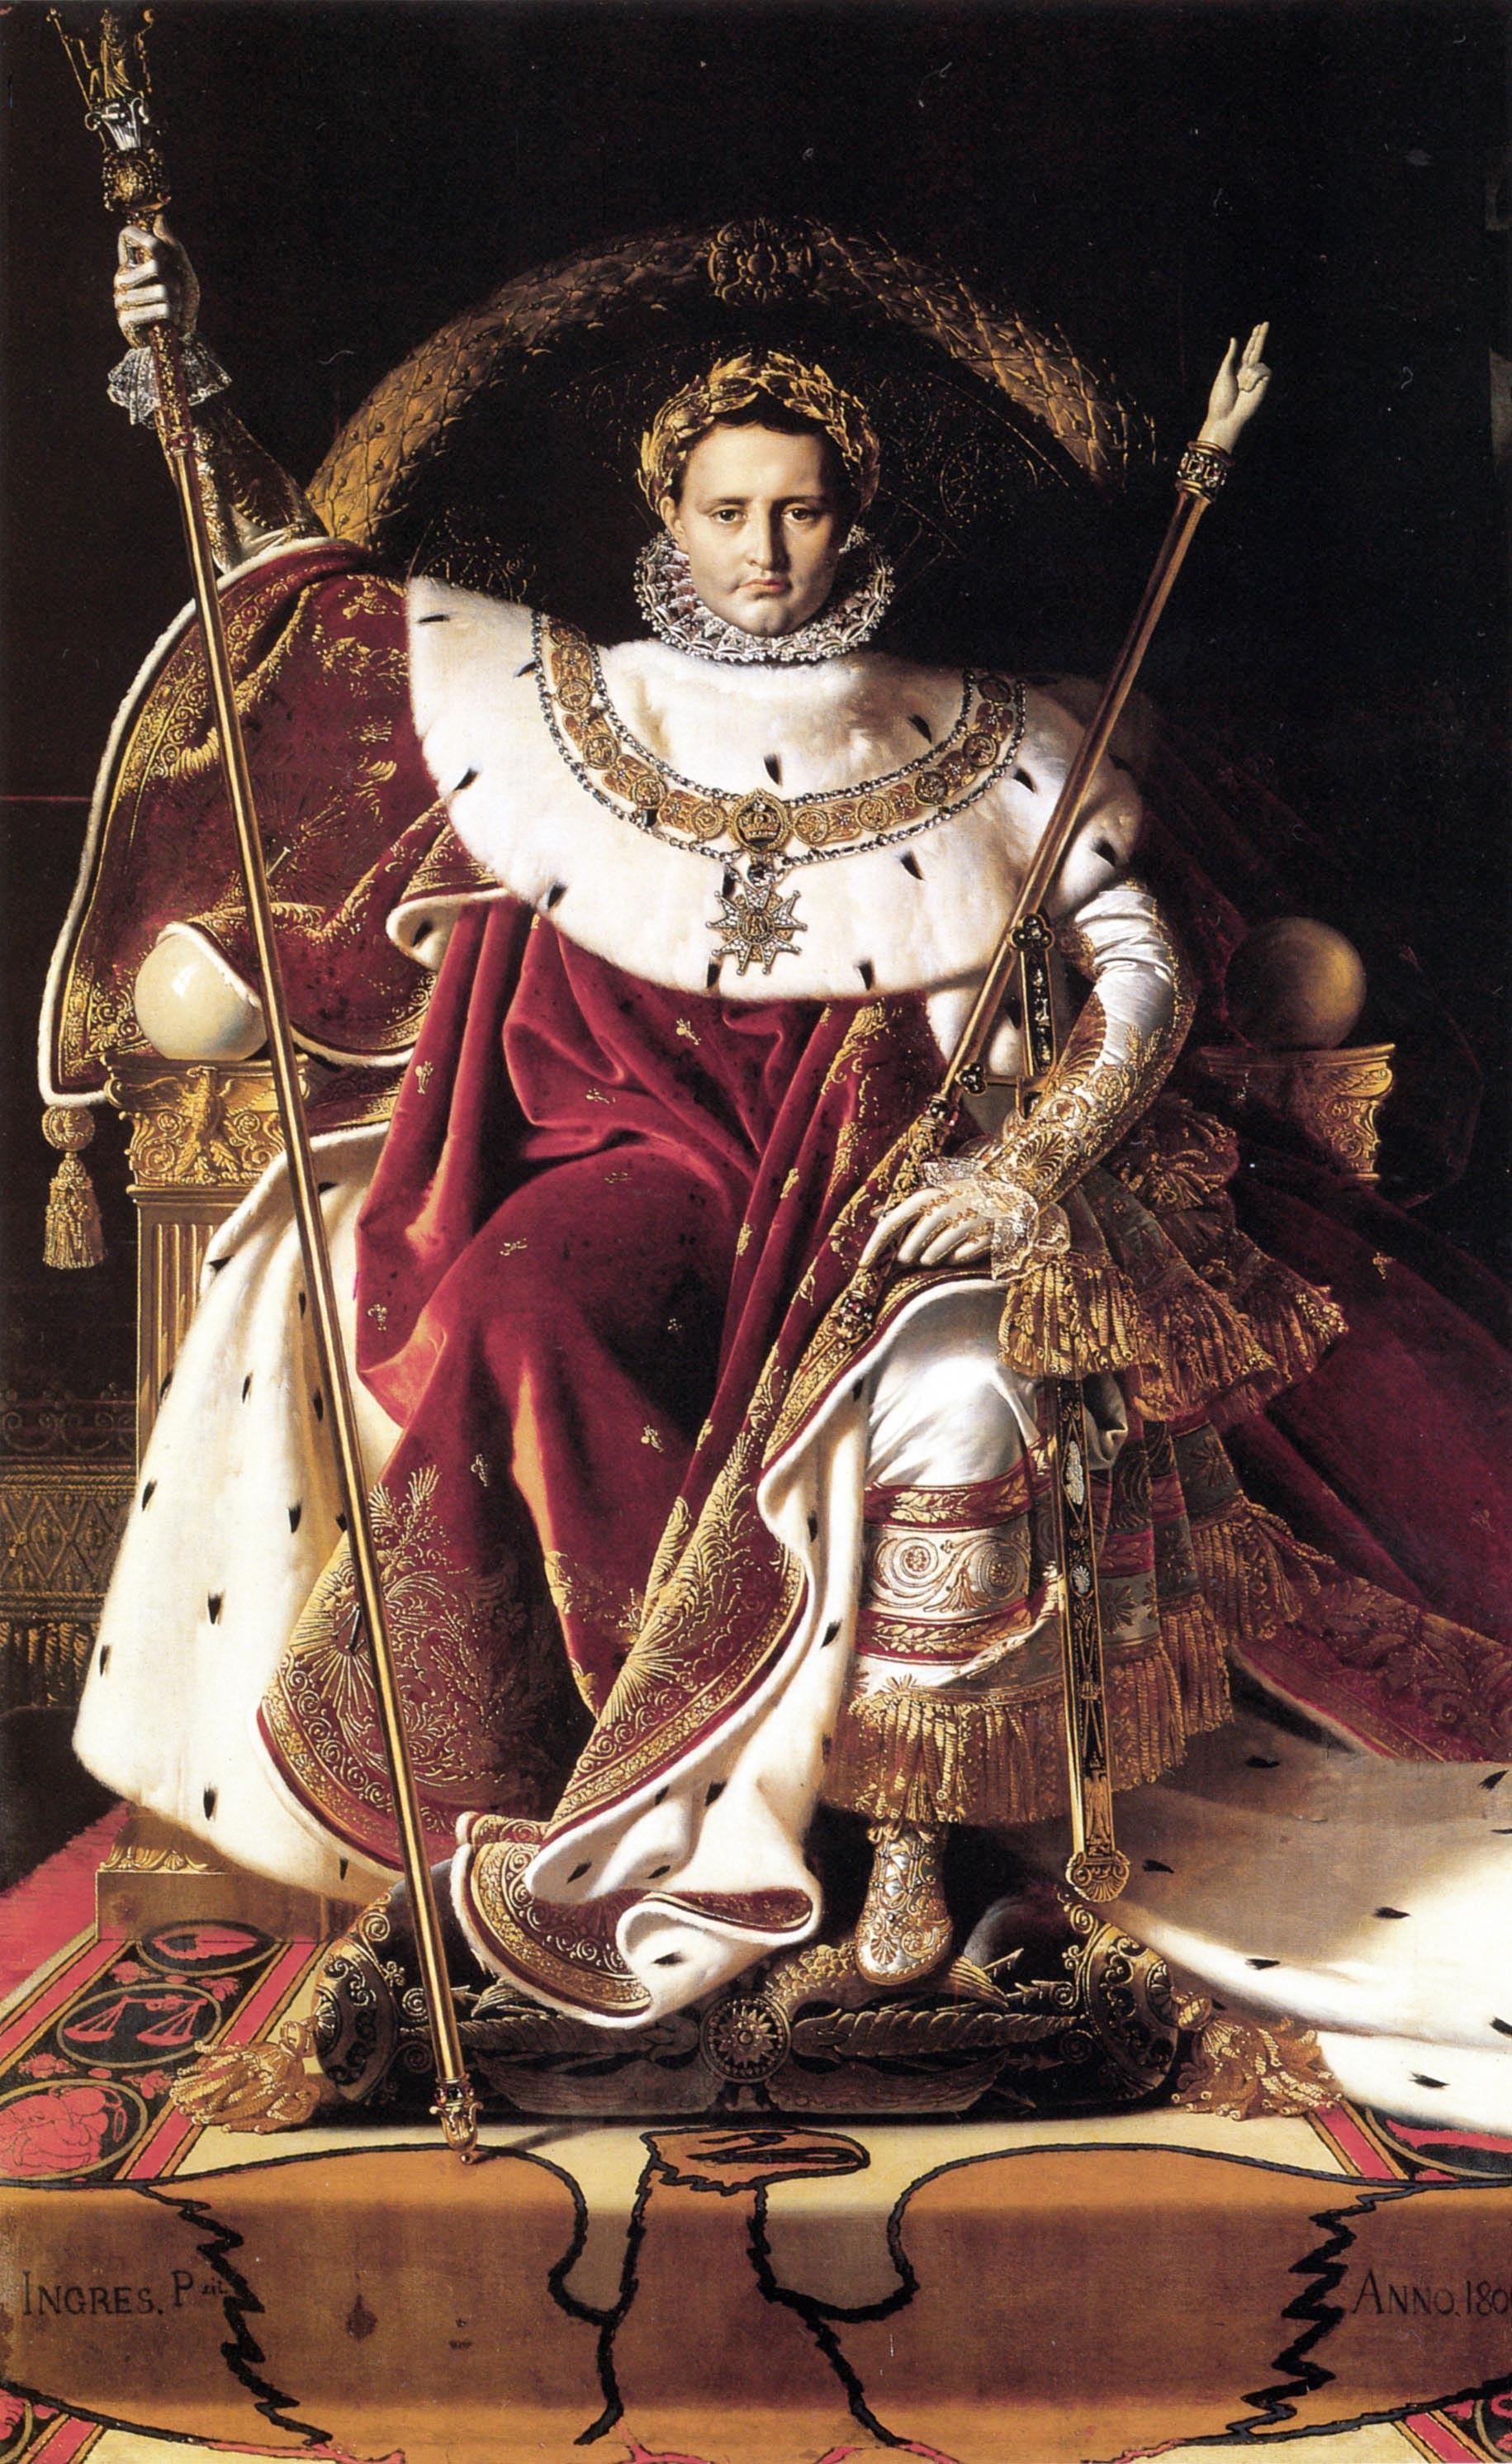 Ingres, Napoléon Ier sur le trône impérial en costume de sacre, 1806